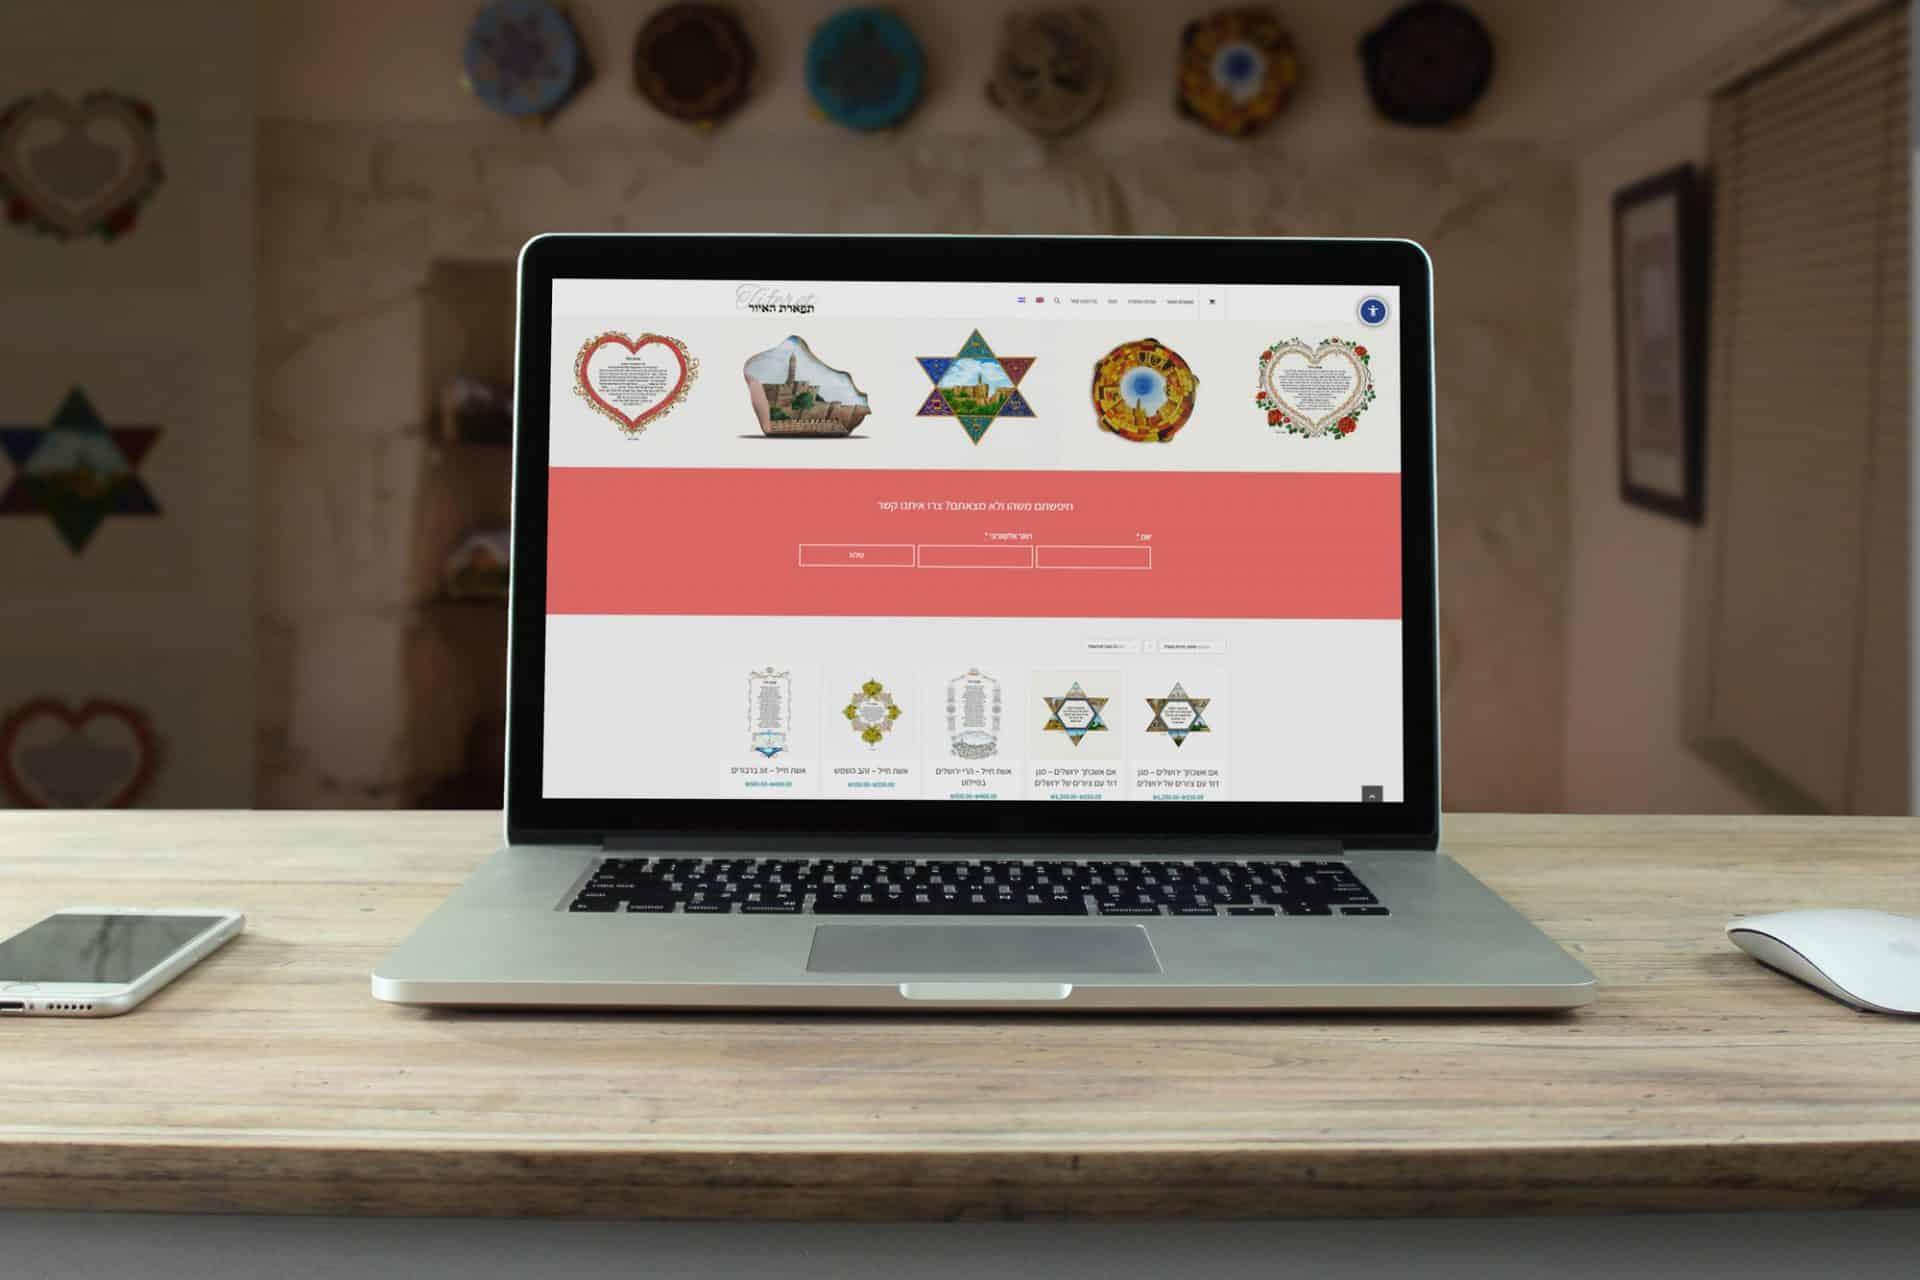 עיצוב אתר והקמת אתר - חנות אינטרנטית לתפארת האיור